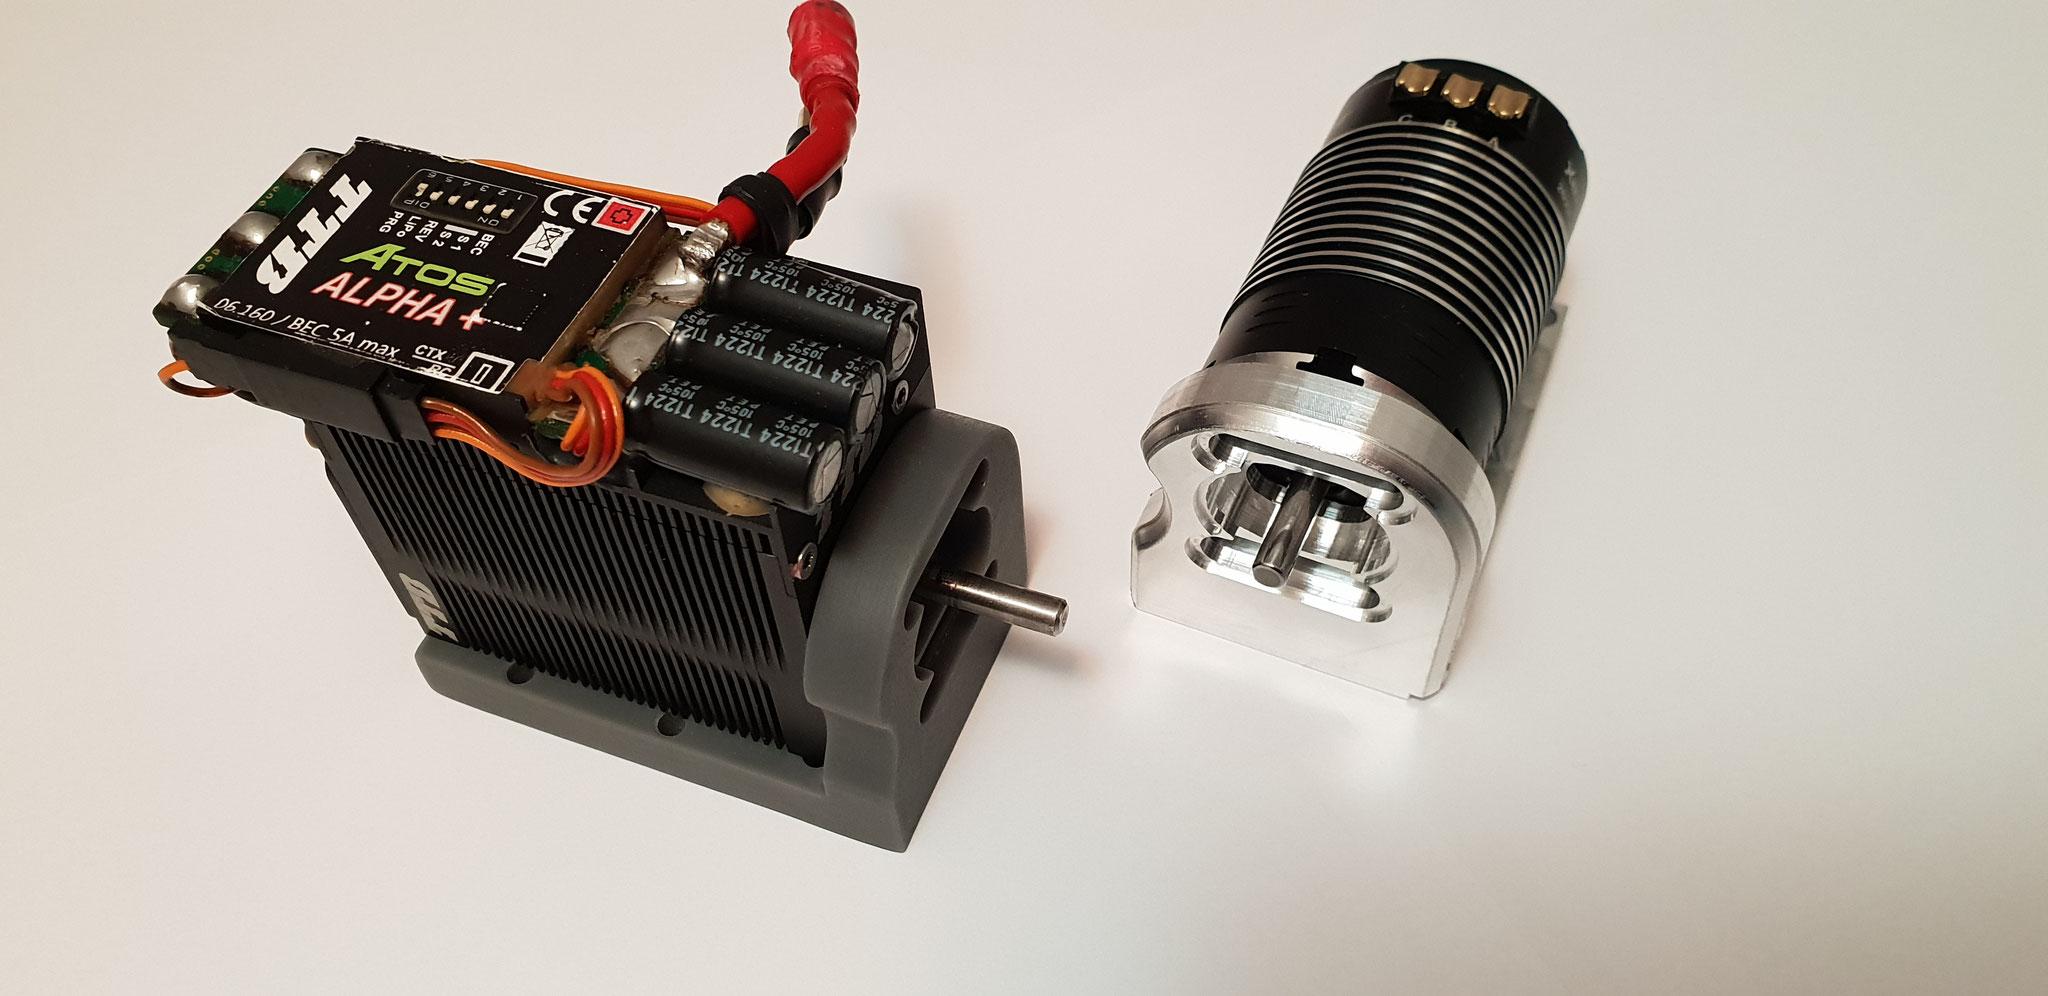 Verbau der beiden Motorenvarianten: Links TTB-Combo mit Verschraubung auf der Unterseite, rechts Hobbywing Motor mit Anschluss an der Stirnfläche